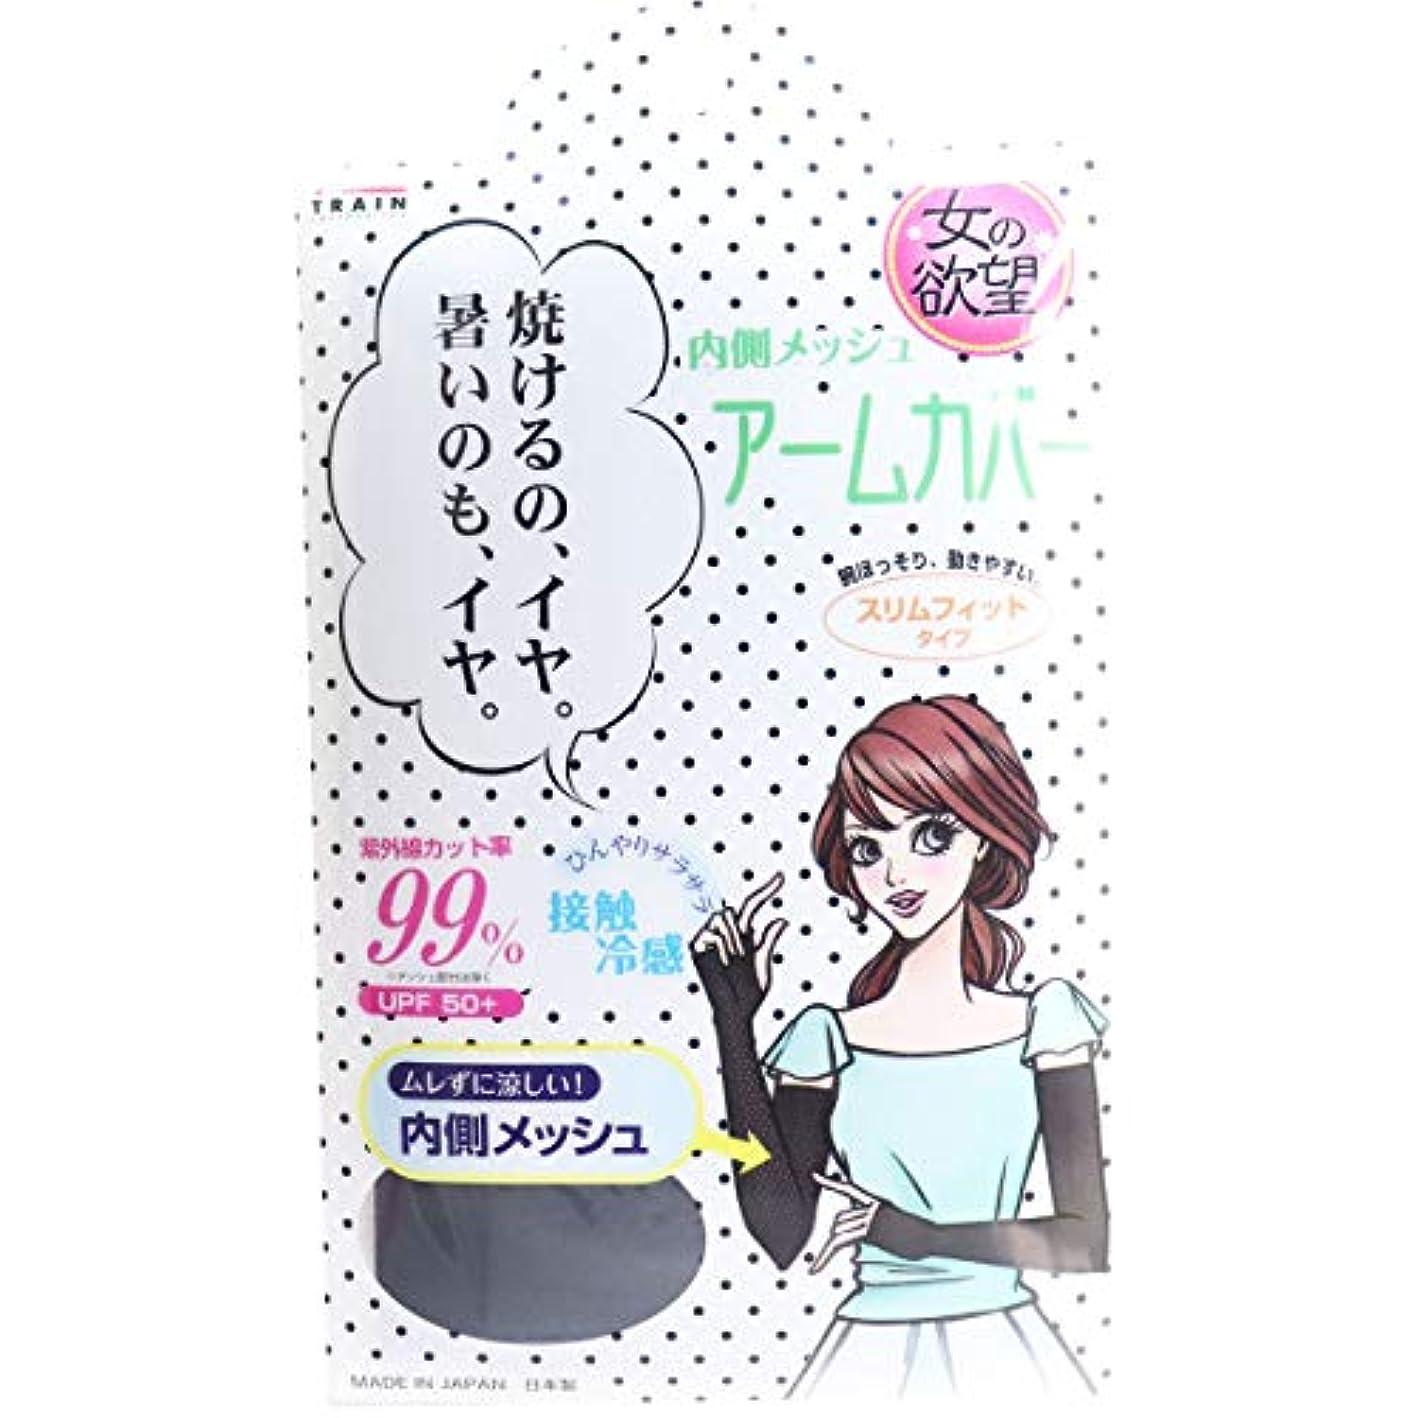 鷲定義するライド女の欲望 COOL&UV 内側メッシュアームカバー スリムフィットタイプ ブラック フリーサイズ×20個セット